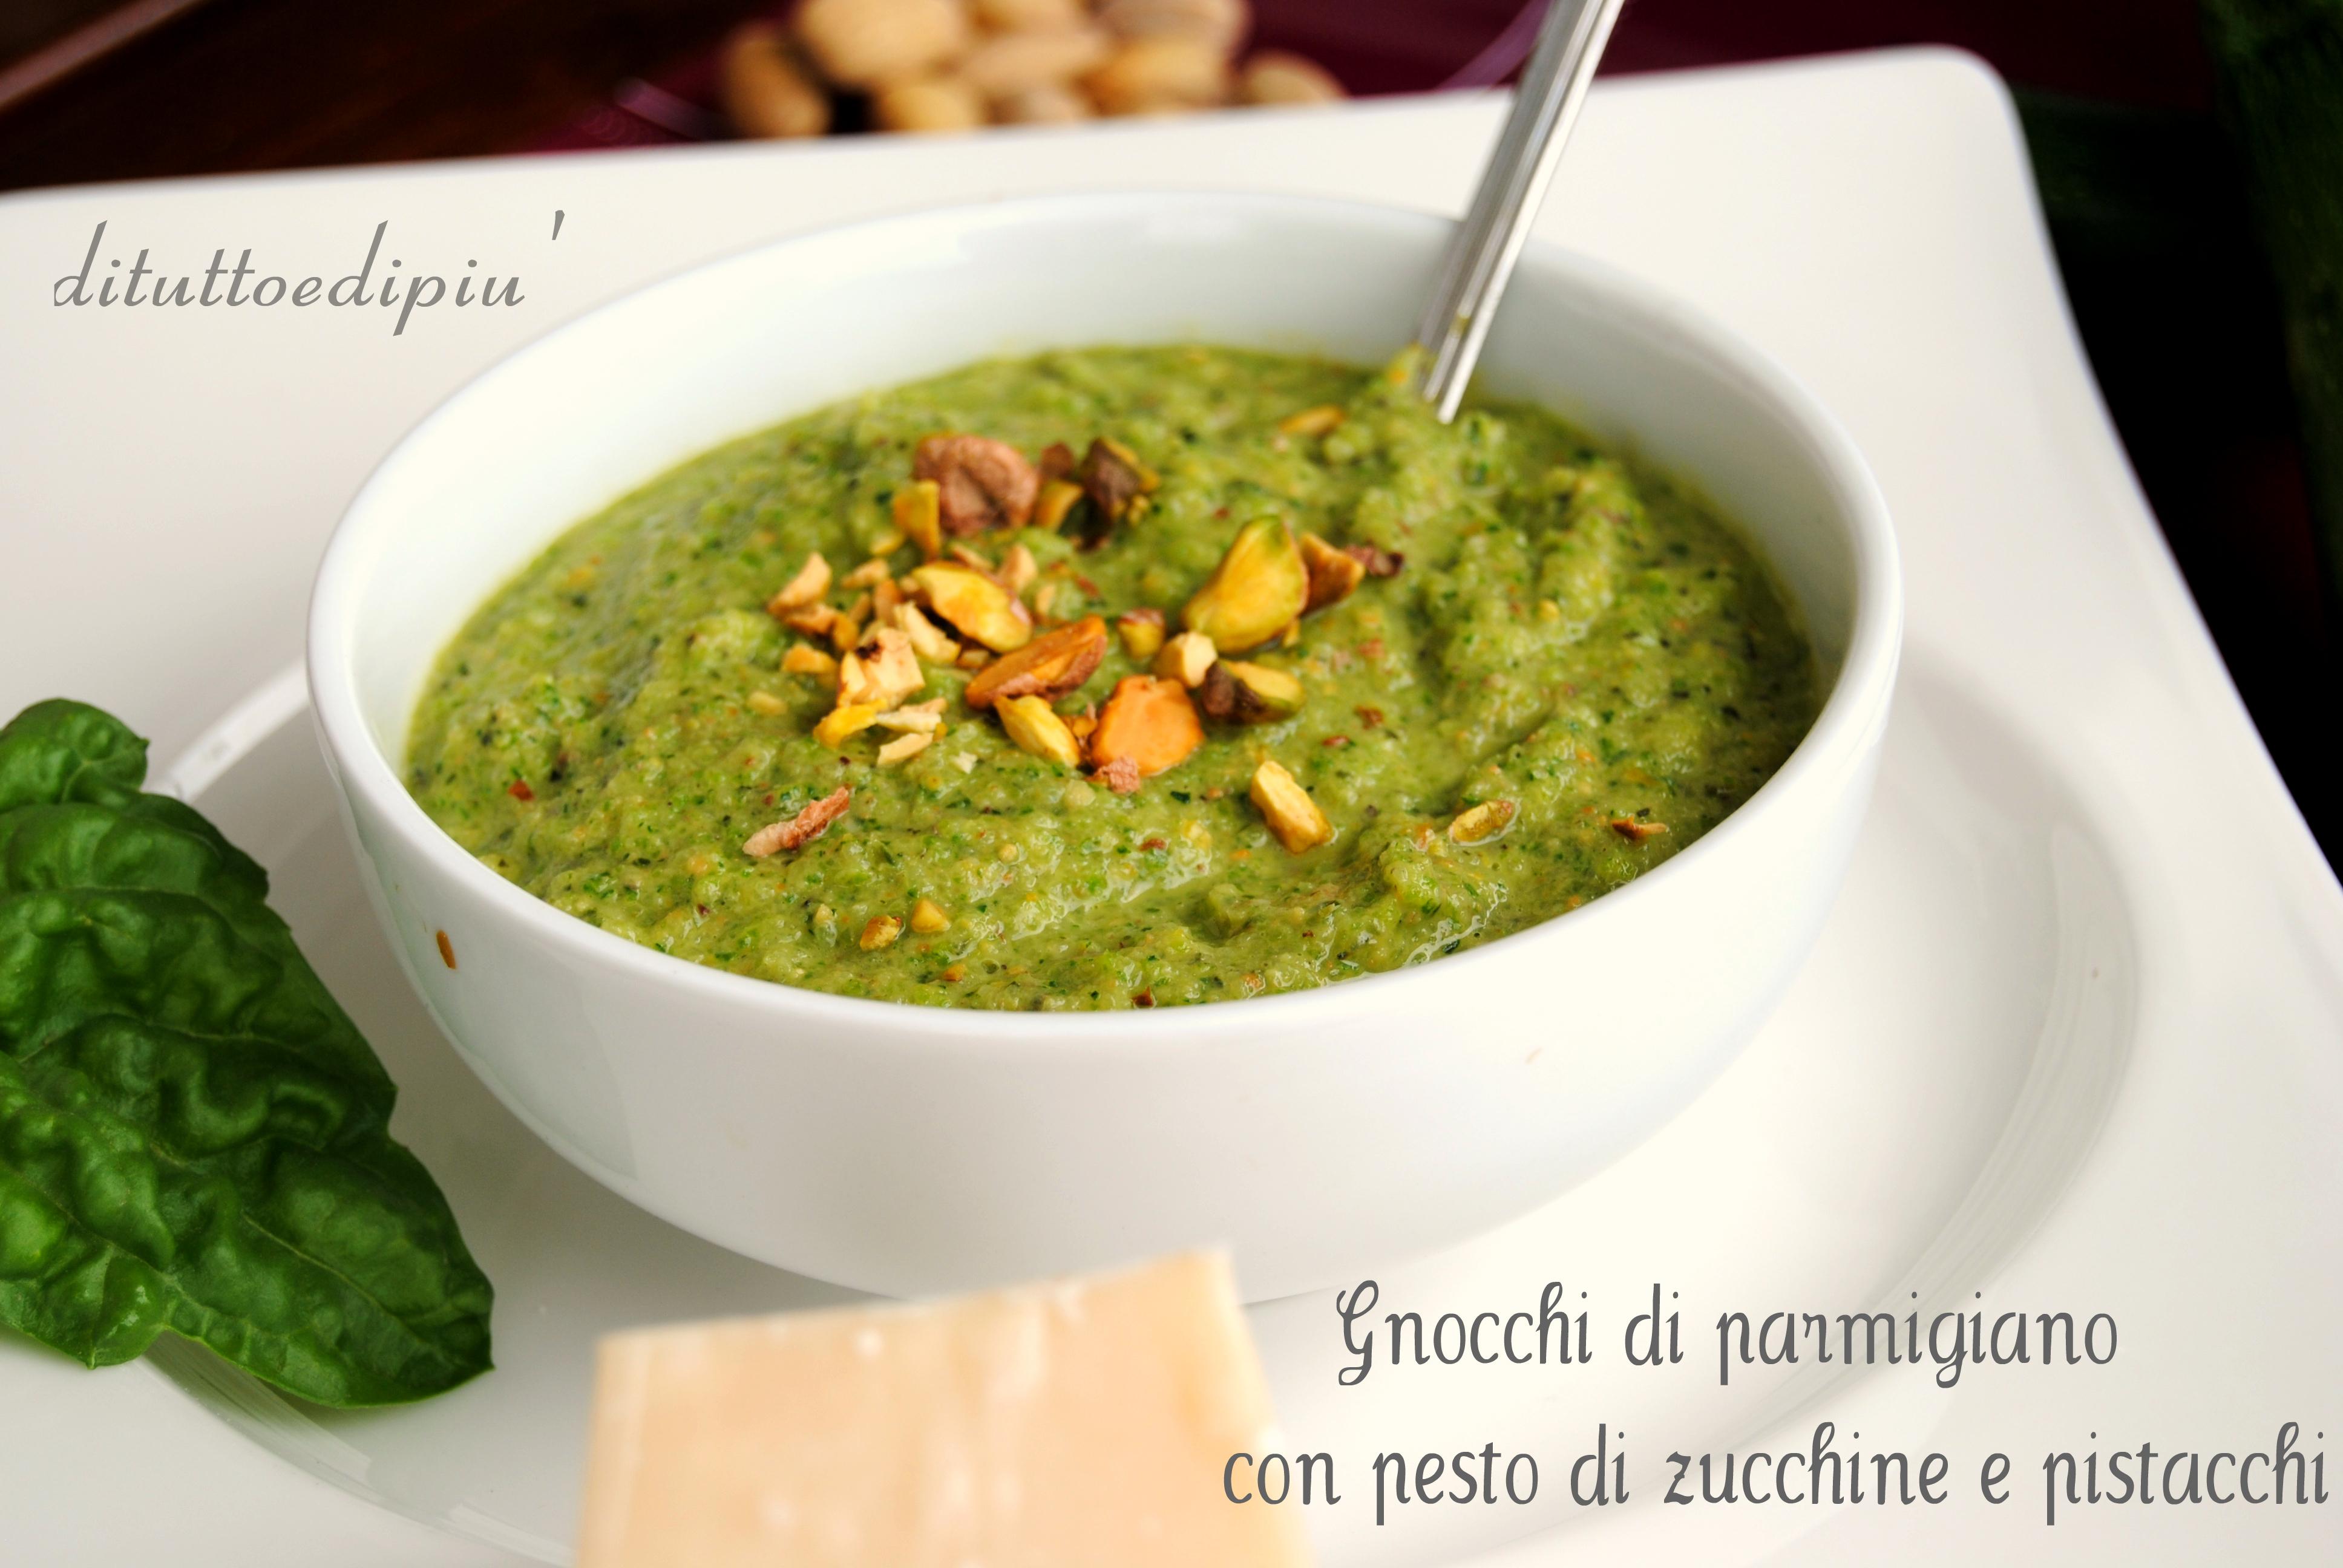 gnocchi al parmigiano 4